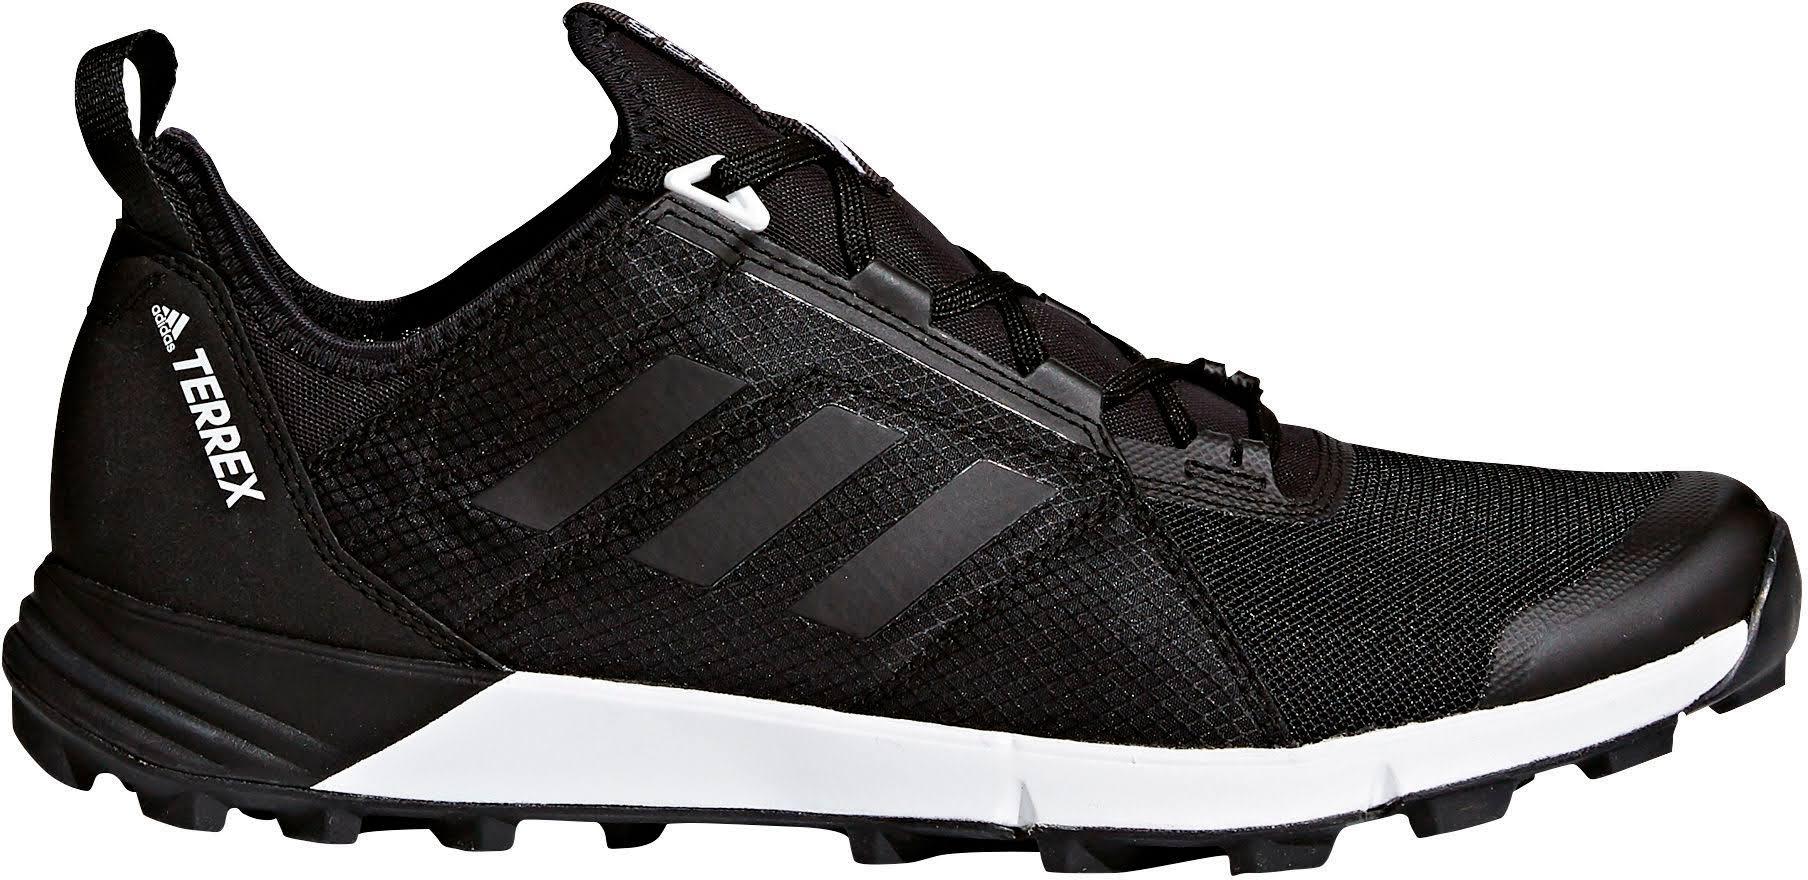 Speed Do Adidas Buty coreblack Coreblack Czarny Biegania Terrex Mężczyźni Agravic coreblack STqqwanE